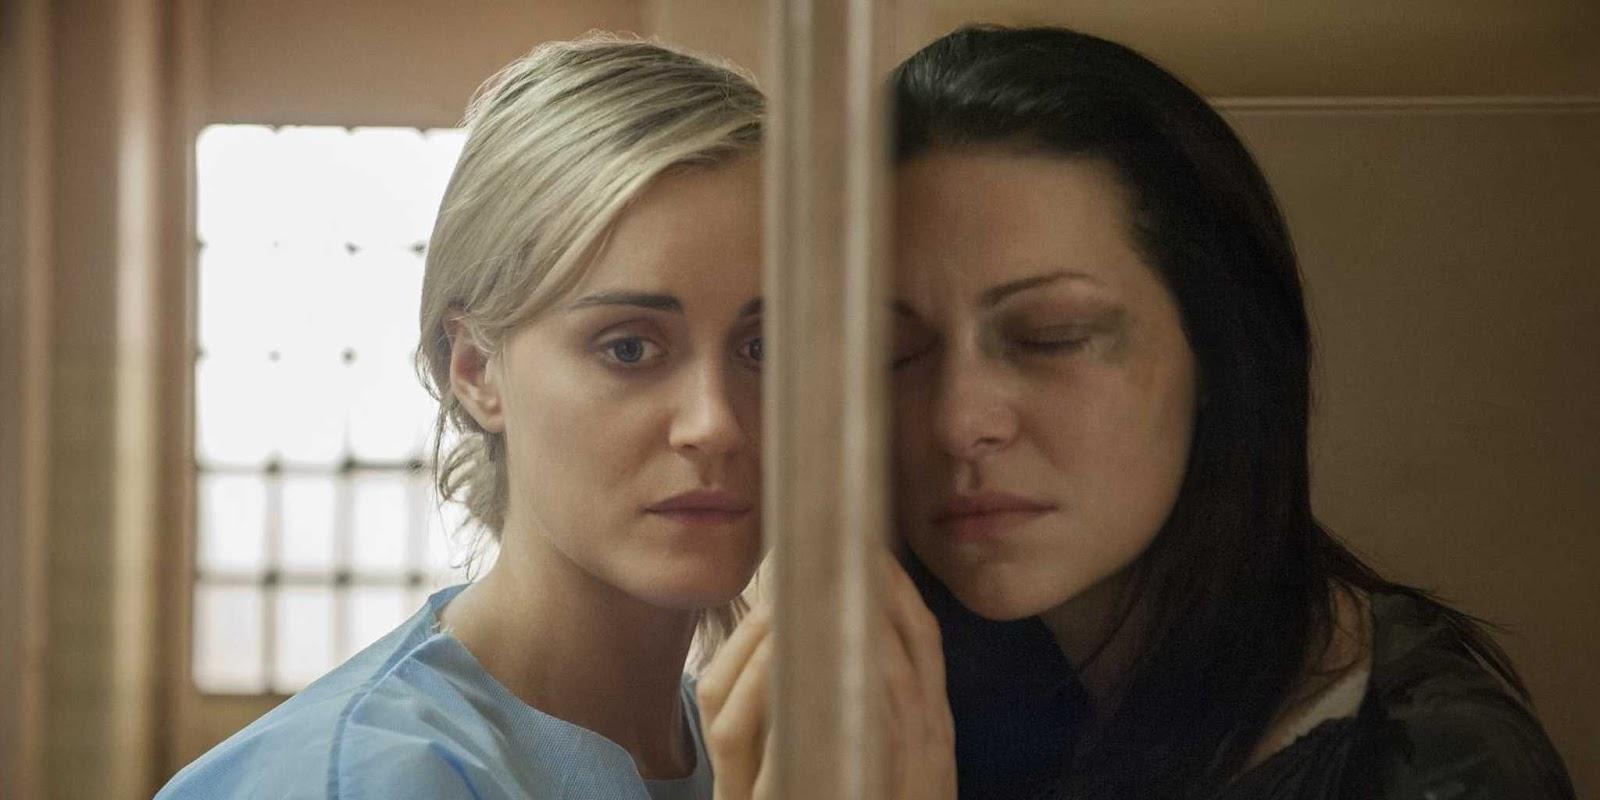 La sexta temporada de Orange is the New Black pondrá en jaque Vauseman  [SPOILER] - Serialways